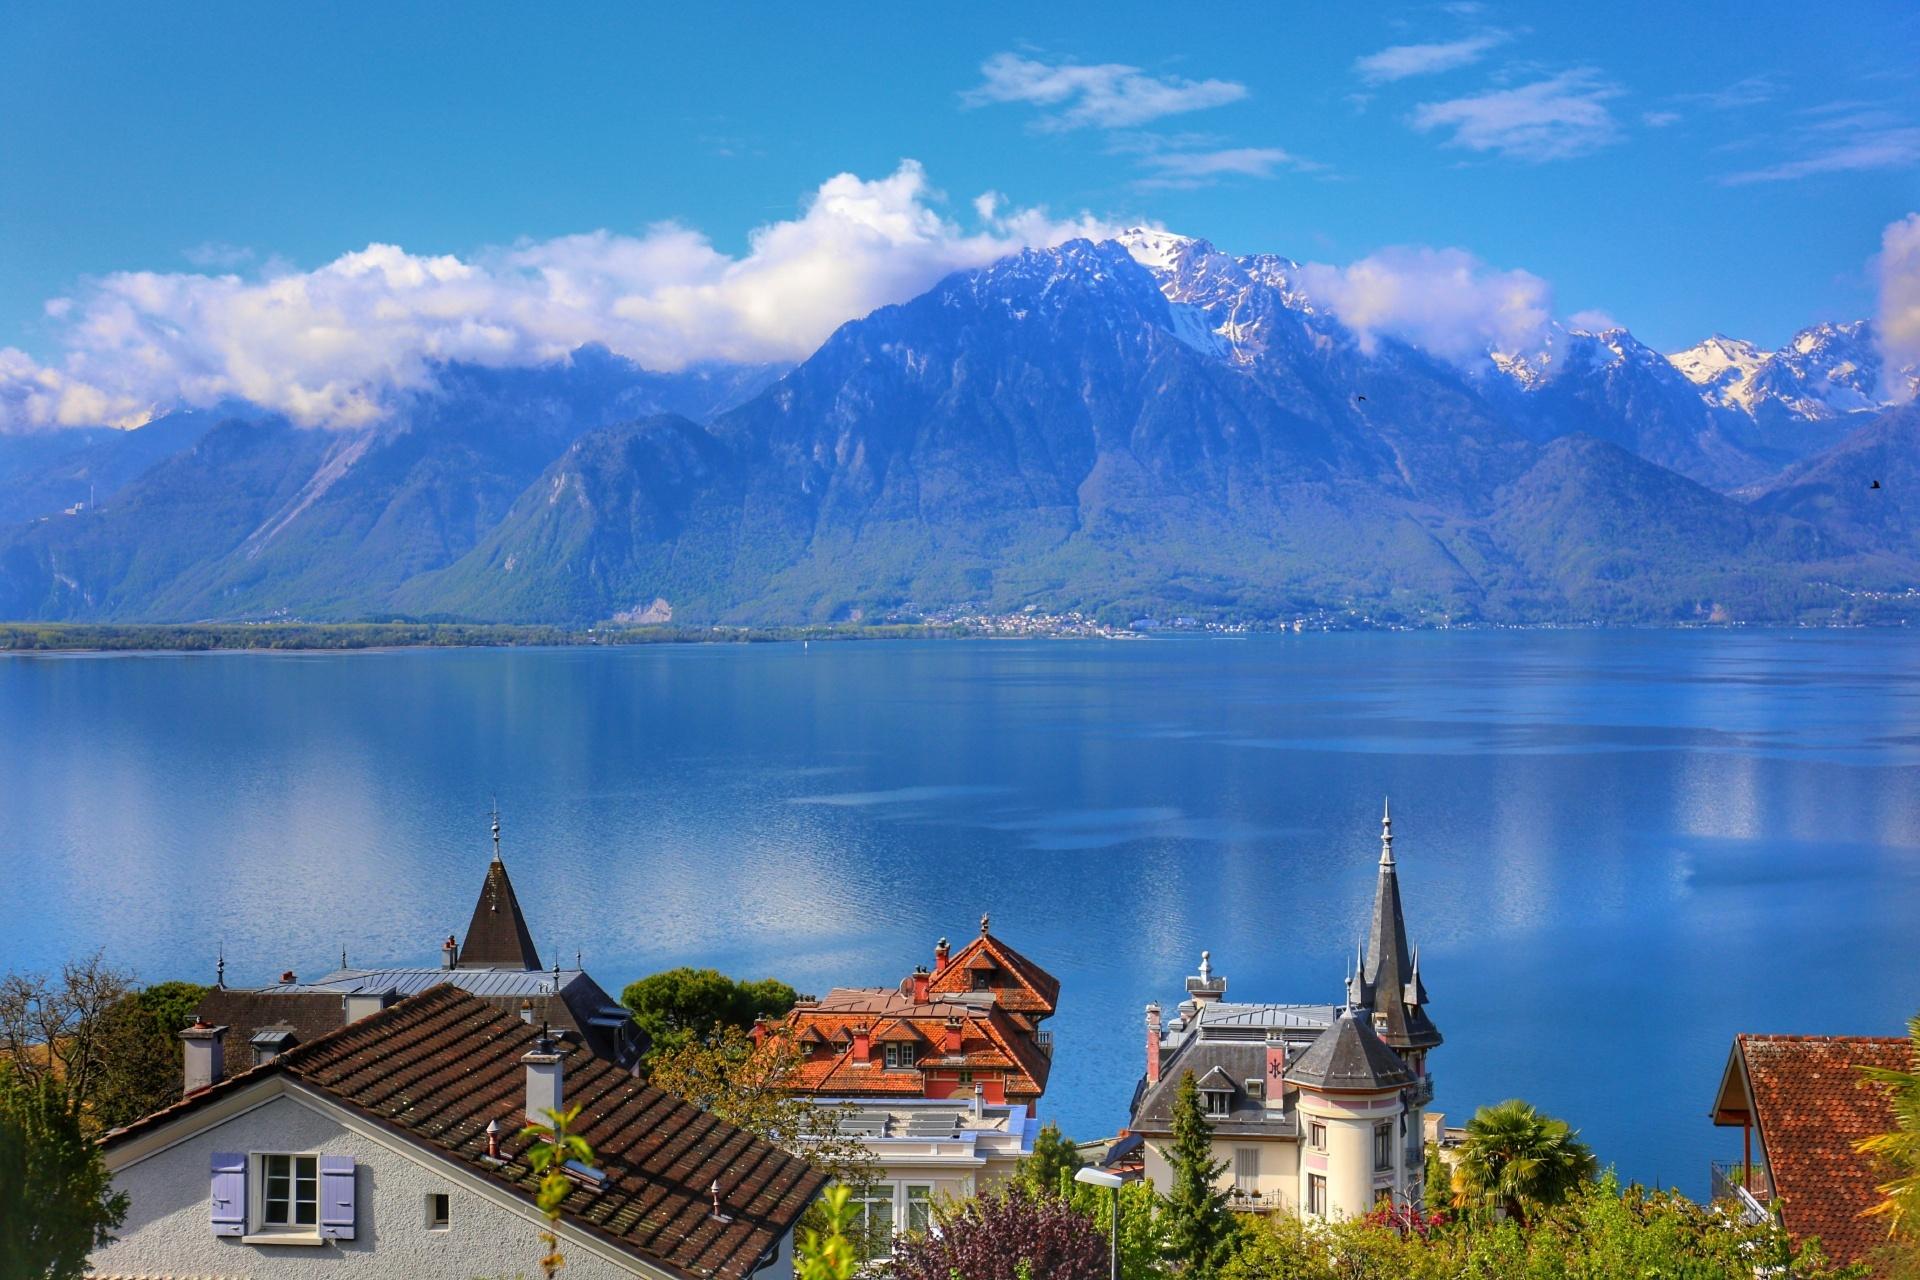 モントルーとレマン湖とアルプスの山々 スイスの風景